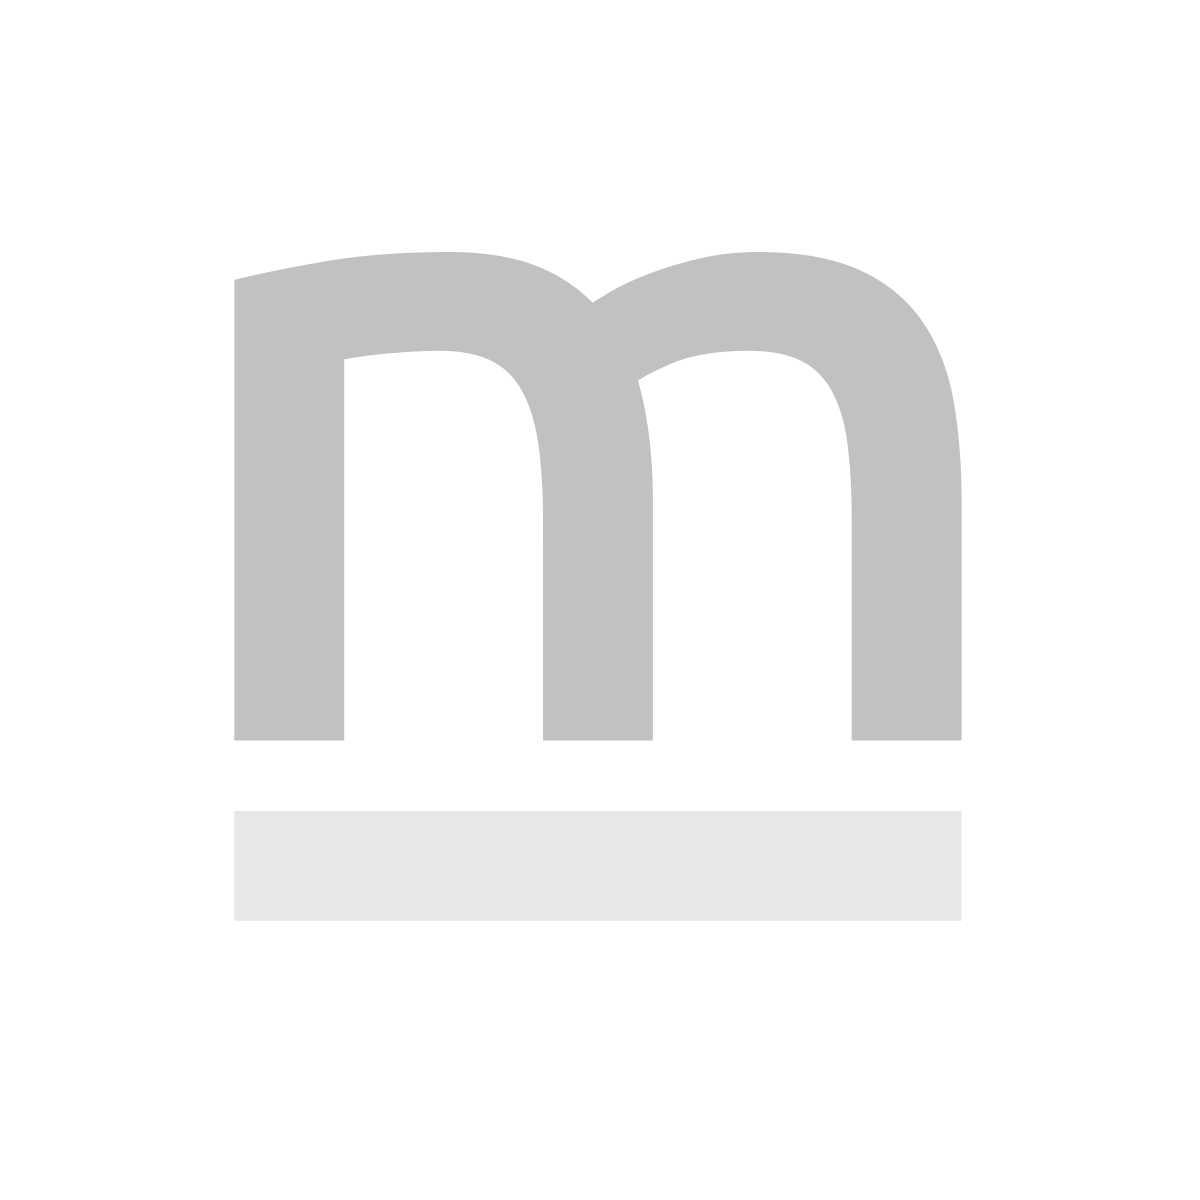 Zestaw 2 krzesła ogrodowe drewniane BIELLA szare/zielone